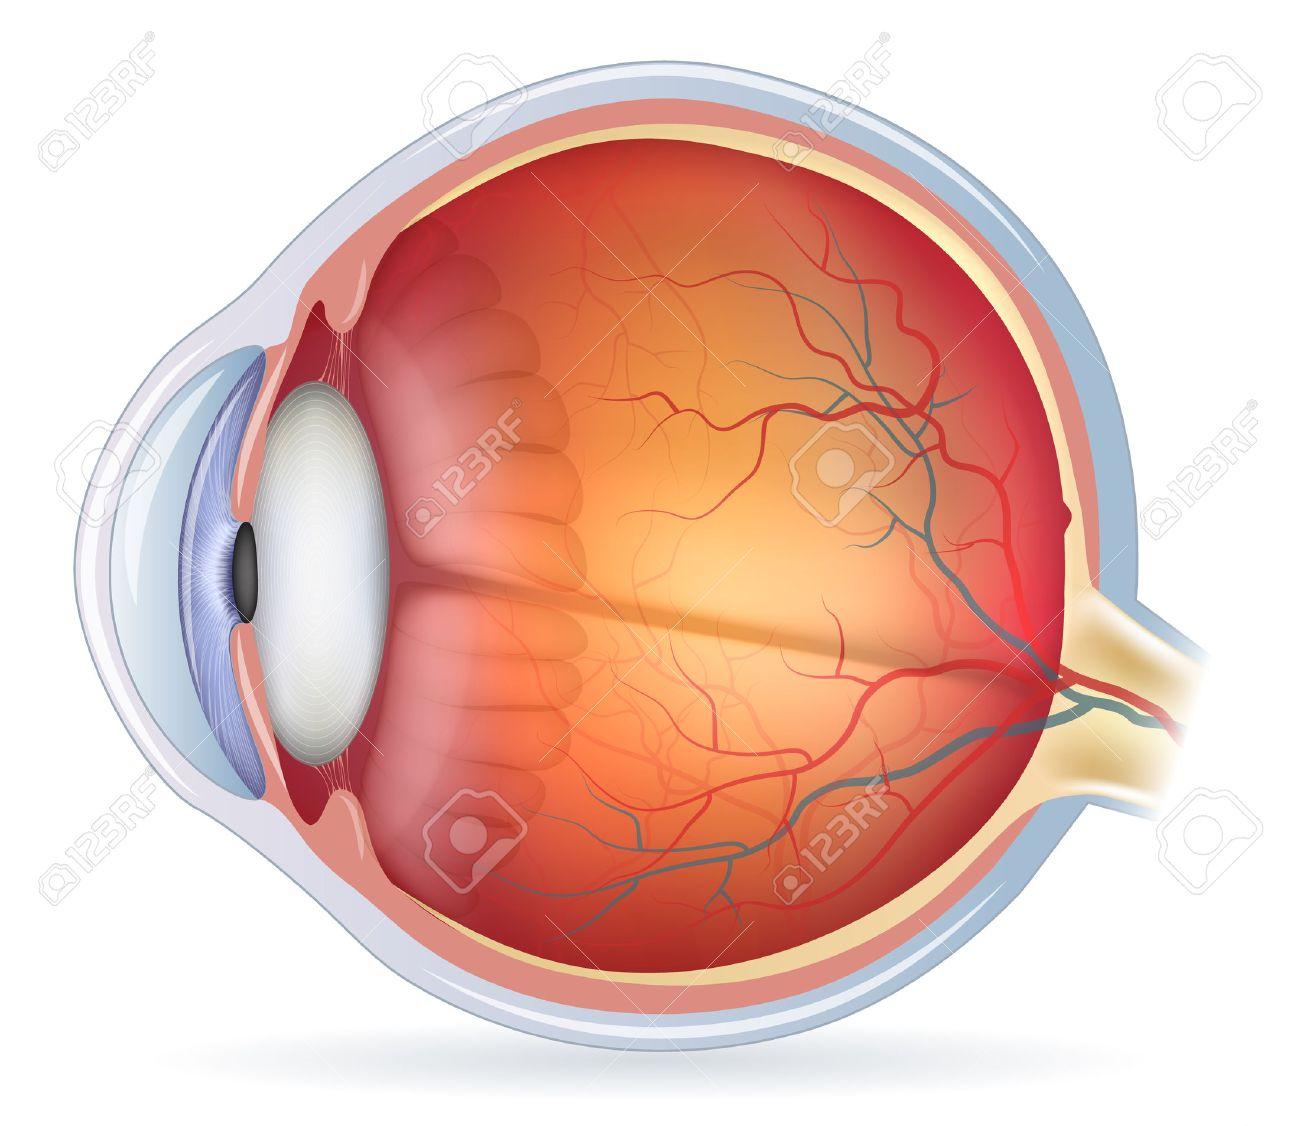 Human Eye Anatomy Diagram, Medical Illustration. Isolated On ...